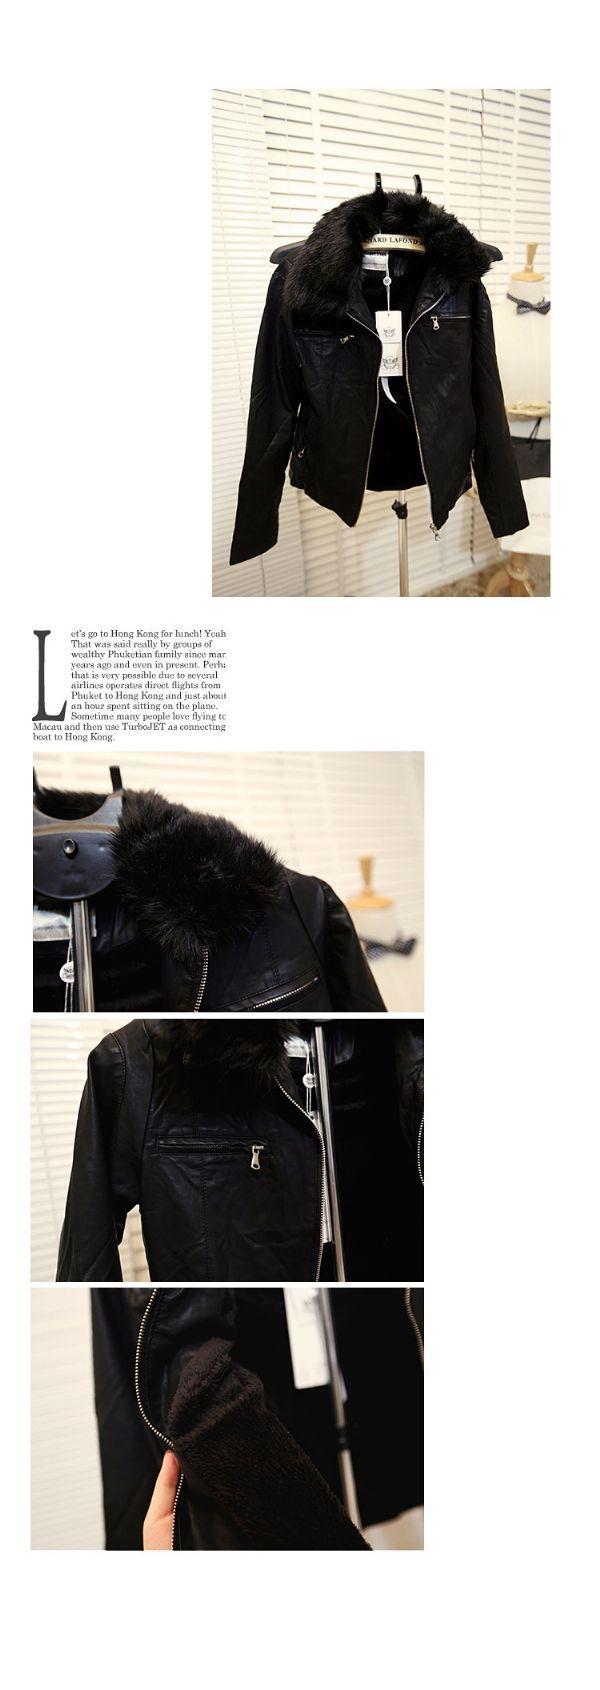 เสื้อกันหนาวผู้ชาย : แจ๊คเก็ตหนังปก furถอดได้ dual use